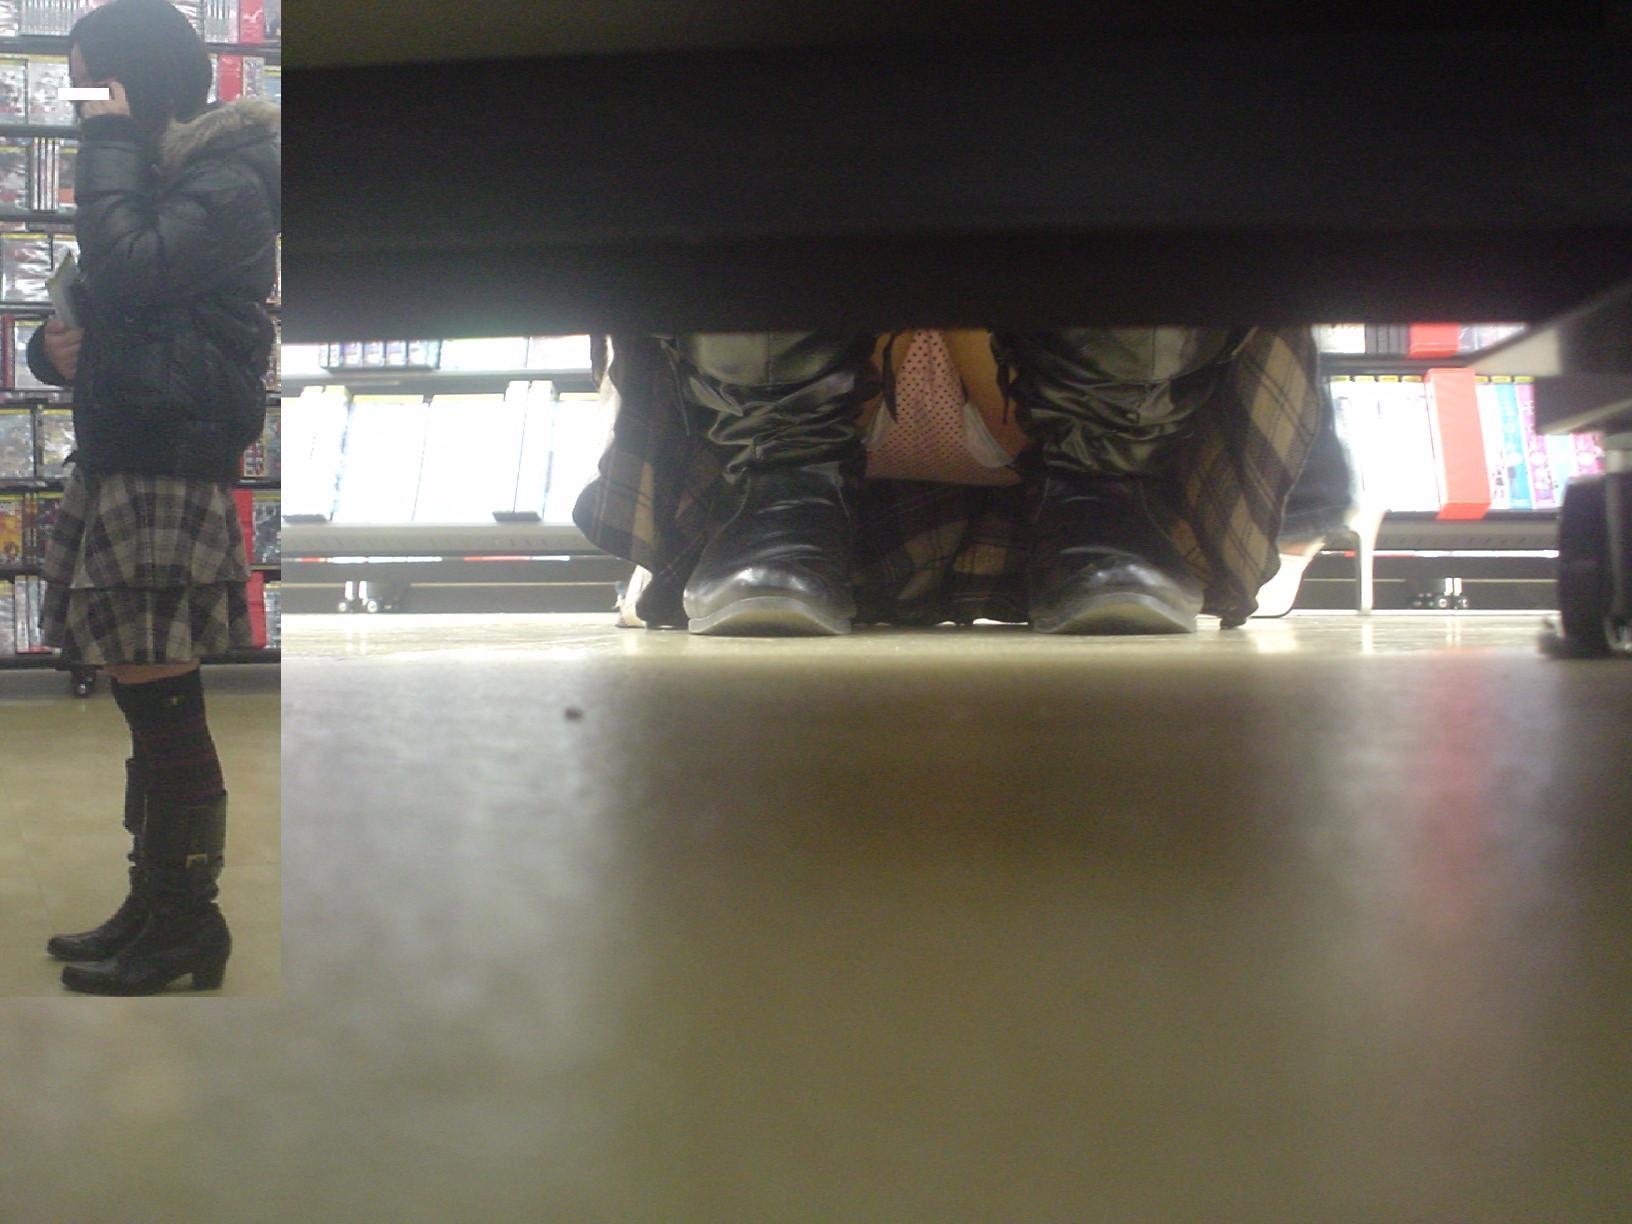 【パンチラエロ画像】下から丸見え!悠長に物色中の座り女子を棚越しに激写www 13